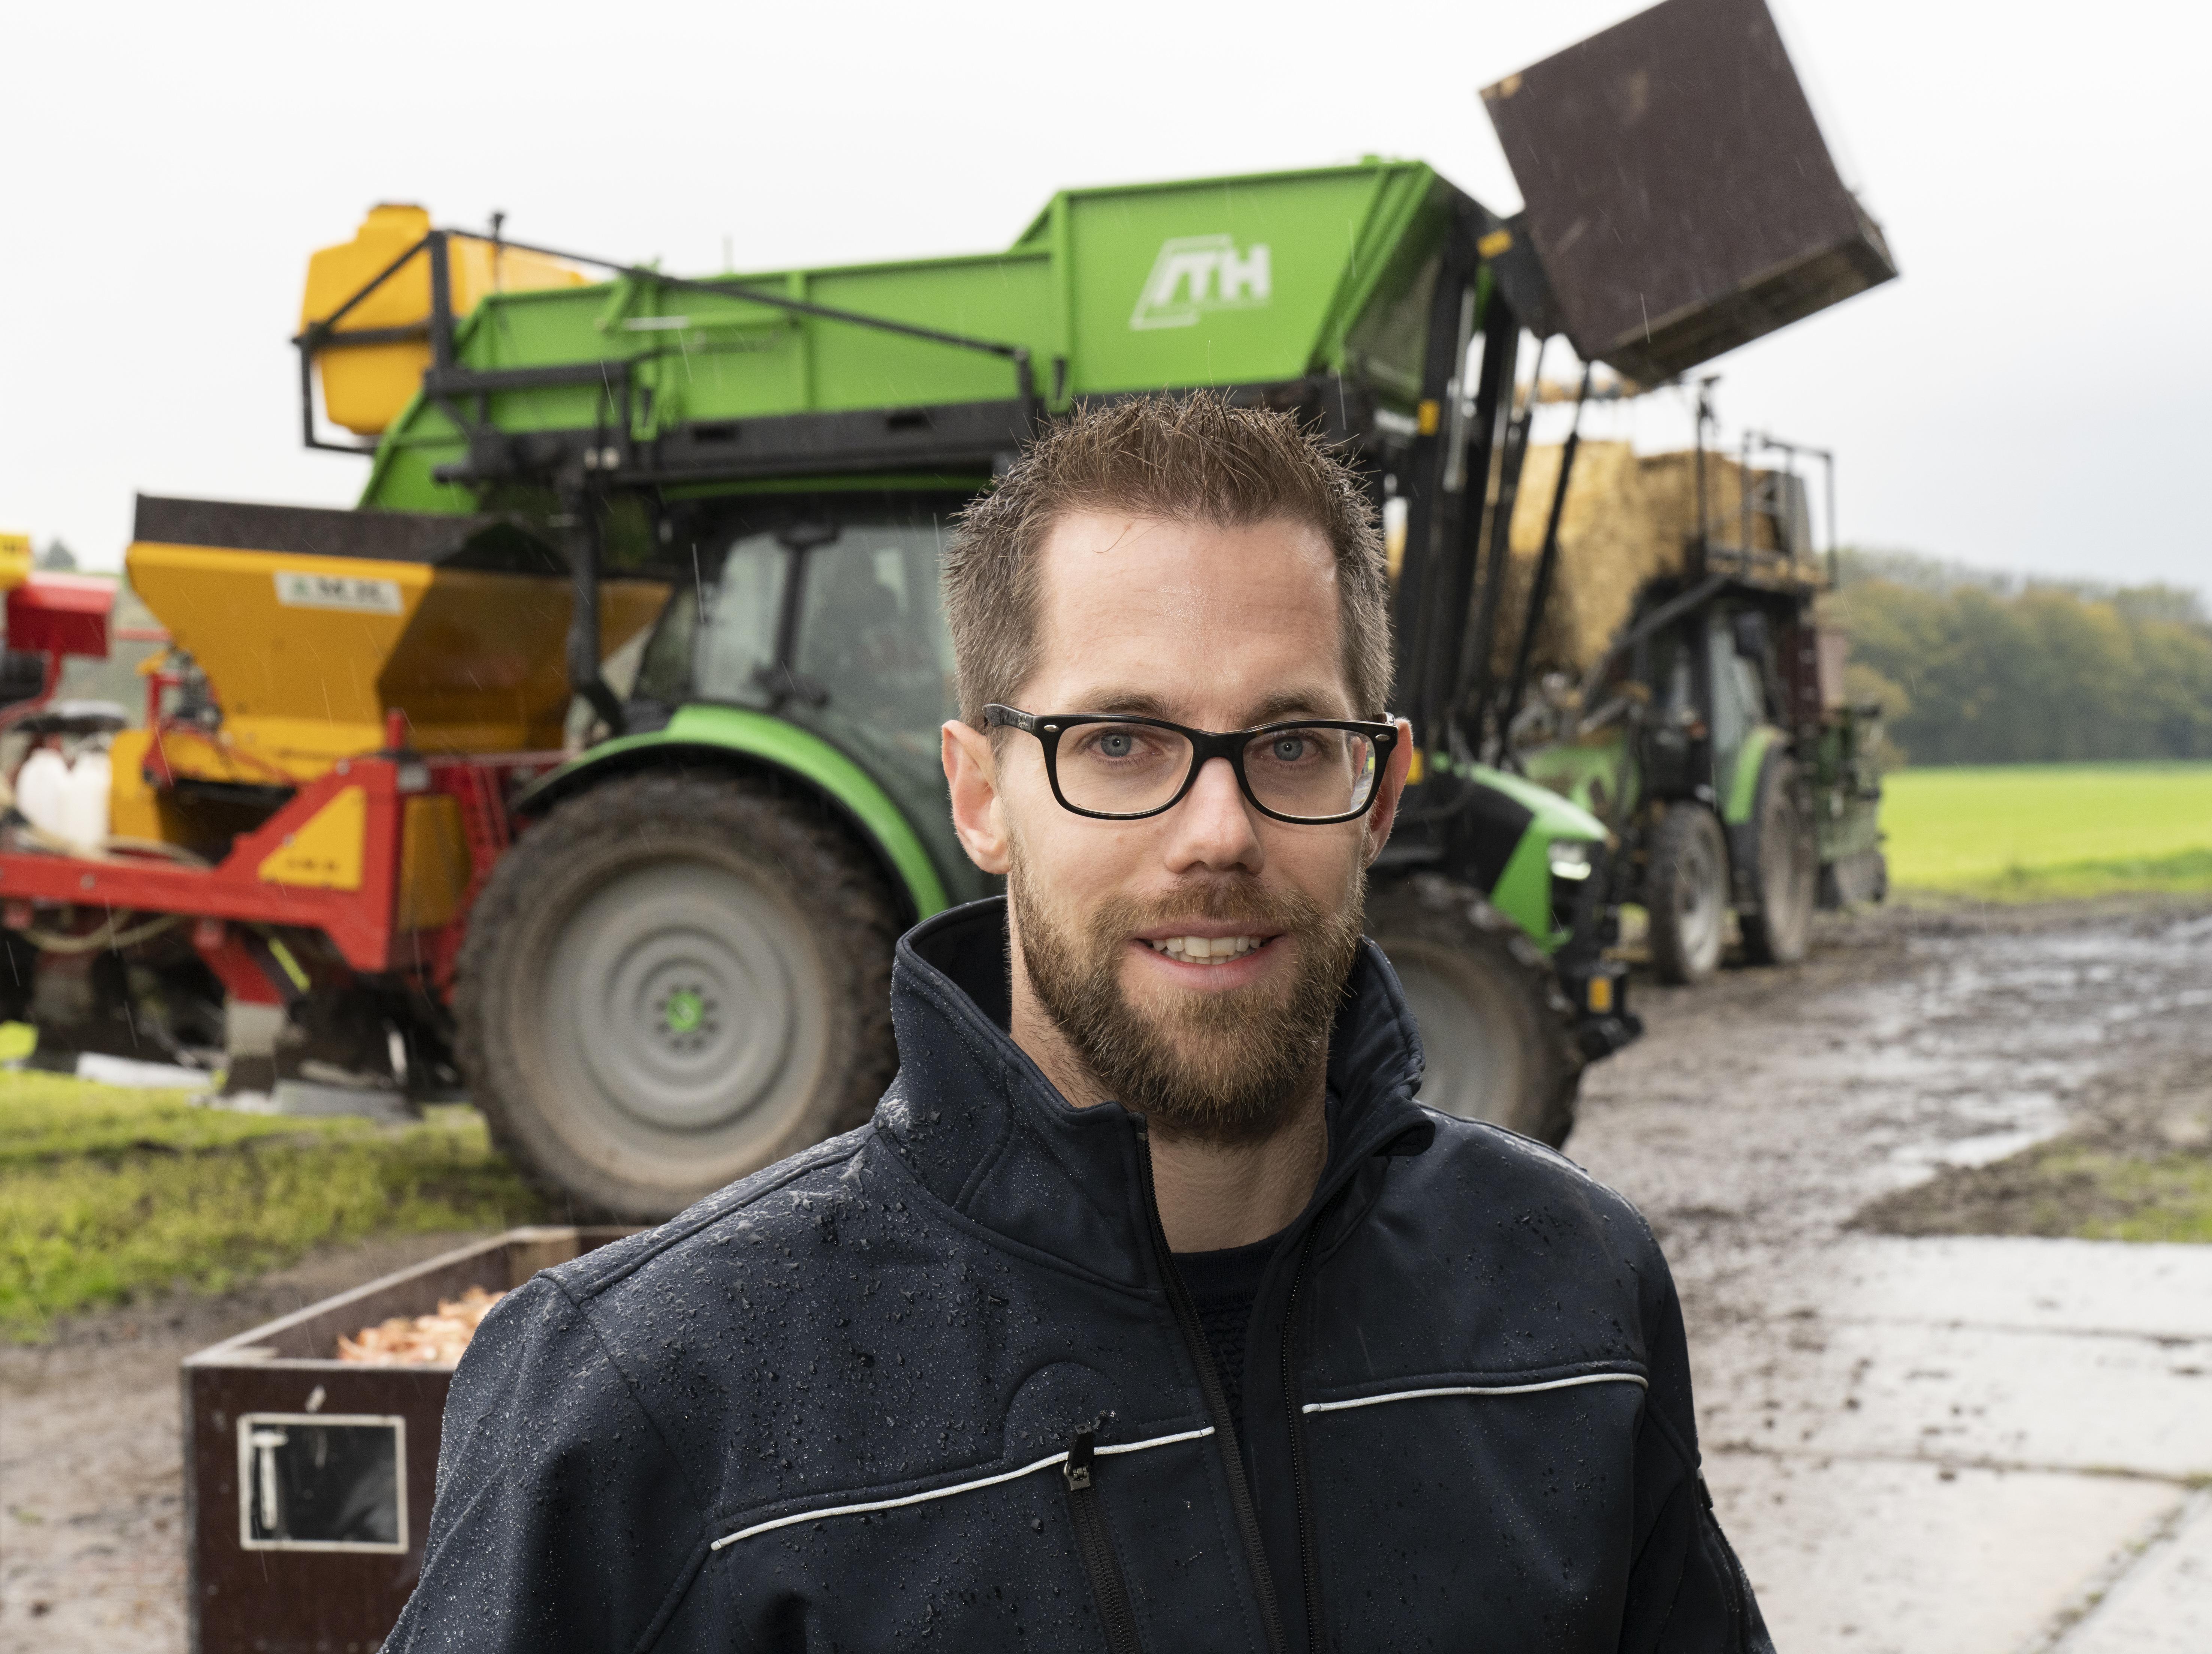 Fedde Sijbrandij (33) is onderzoeker precisielandbouw bij Wageningen University & Research. Hij ontwikkelt deze technieken voor de akkerbouw en veehouderij.